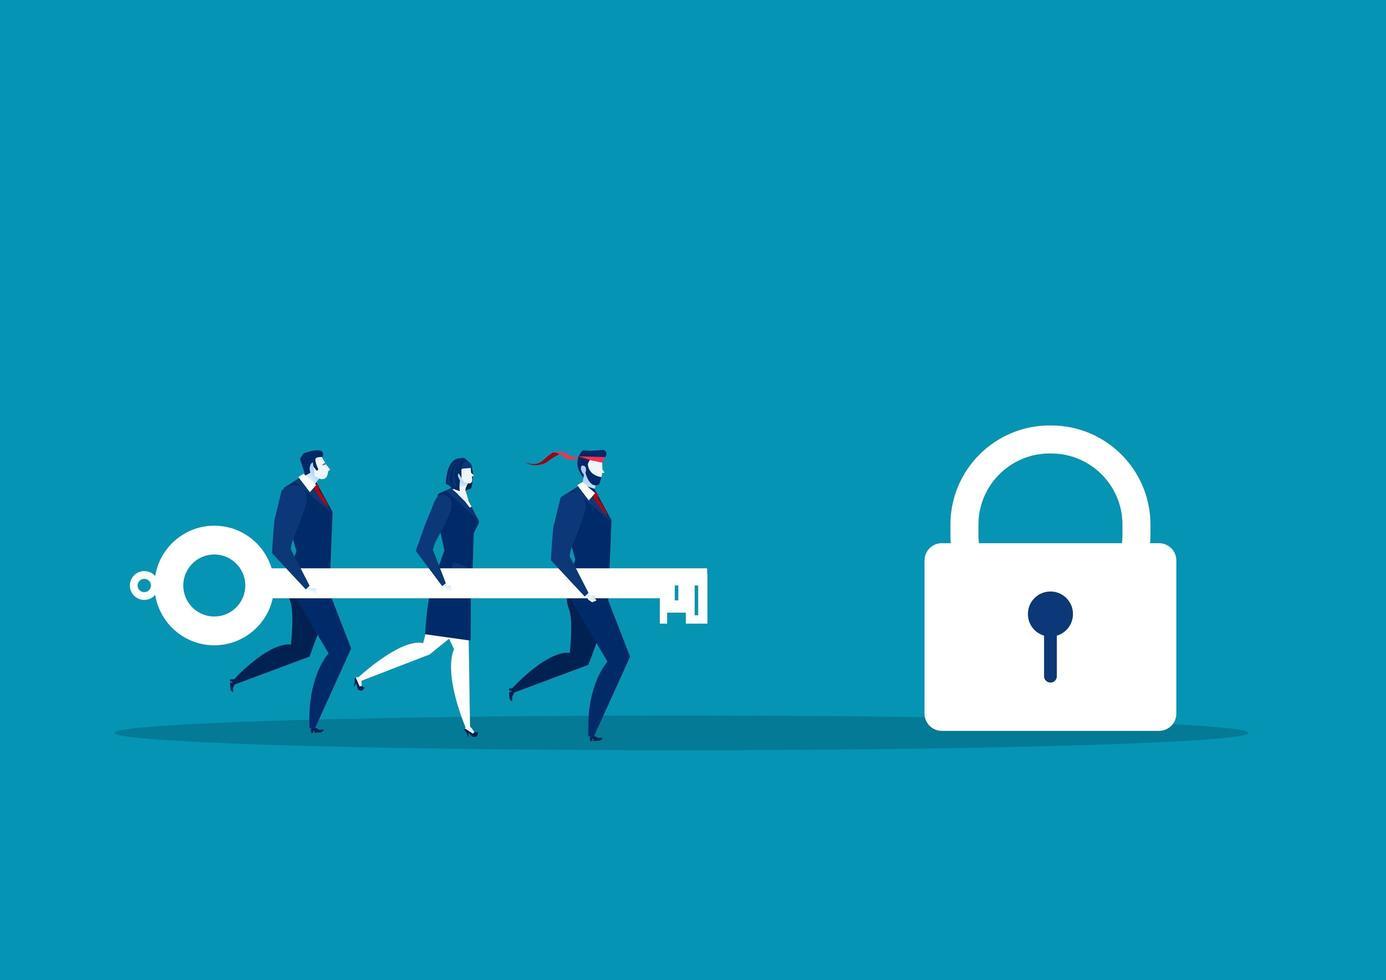 affärs team håller nyckeln och springer för att låsa vektor